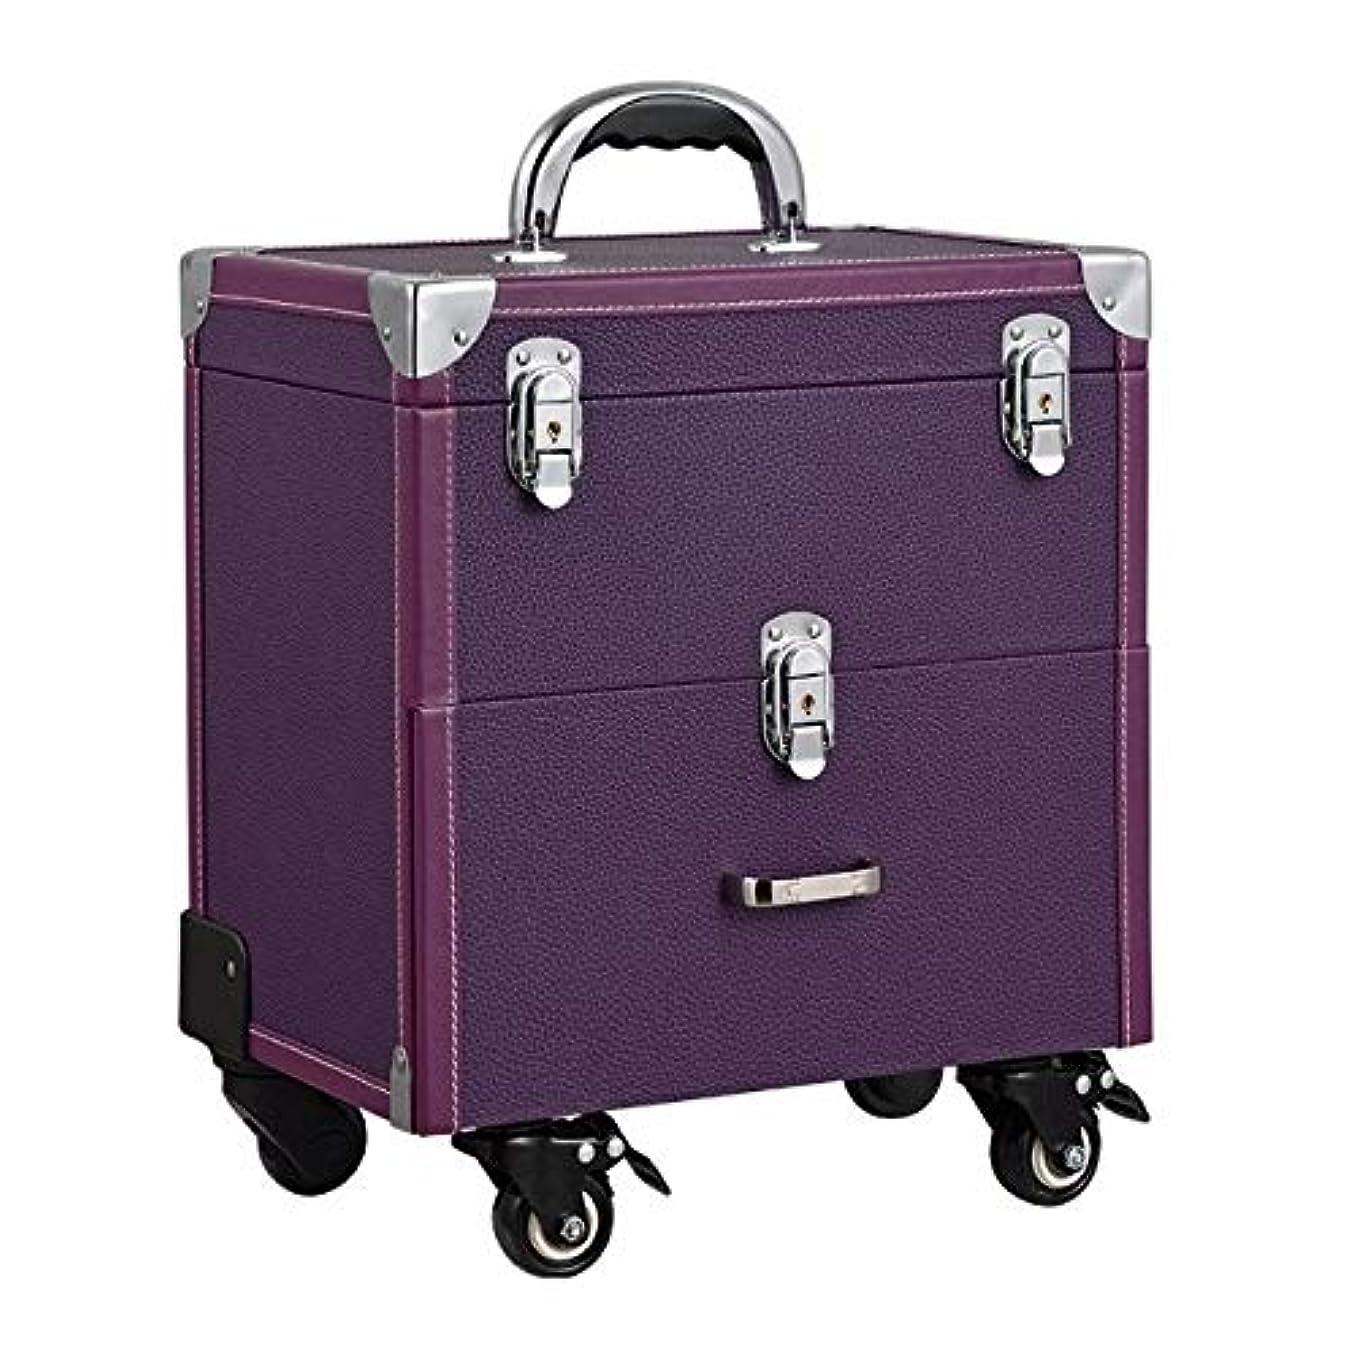 機密時折マリン化粧箱、大容量ダブルポール化粧品ケース、ポータブル旅行化粧品袋収納袋、美容化粧ネイルジュエリー収納ボックス (Color : Purple)